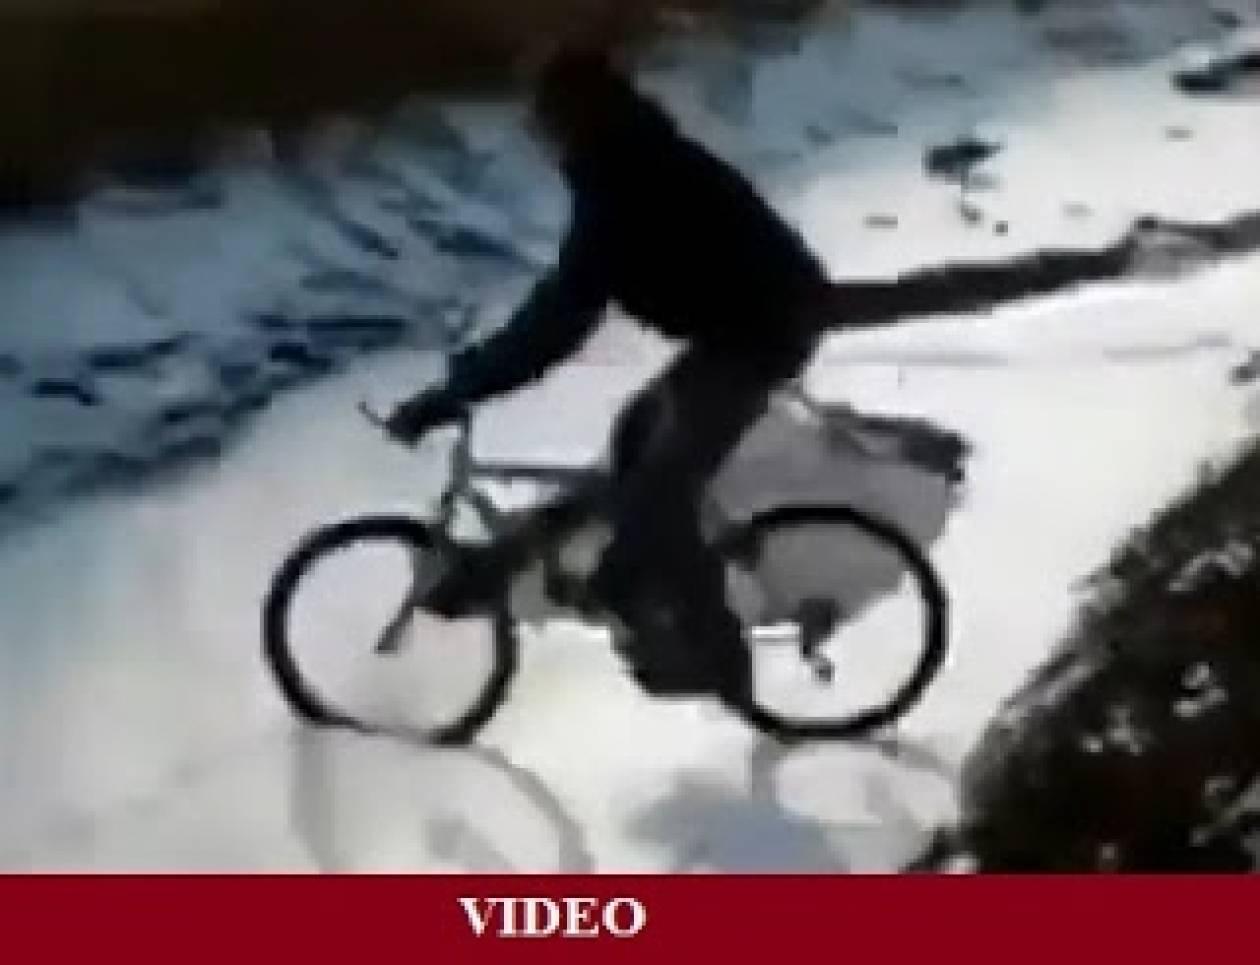 Ξεκαρδιστικό βίντεο: Πώς να ΜΗΝ οδηγήσεις το ποδήλατό σου στον πάγο